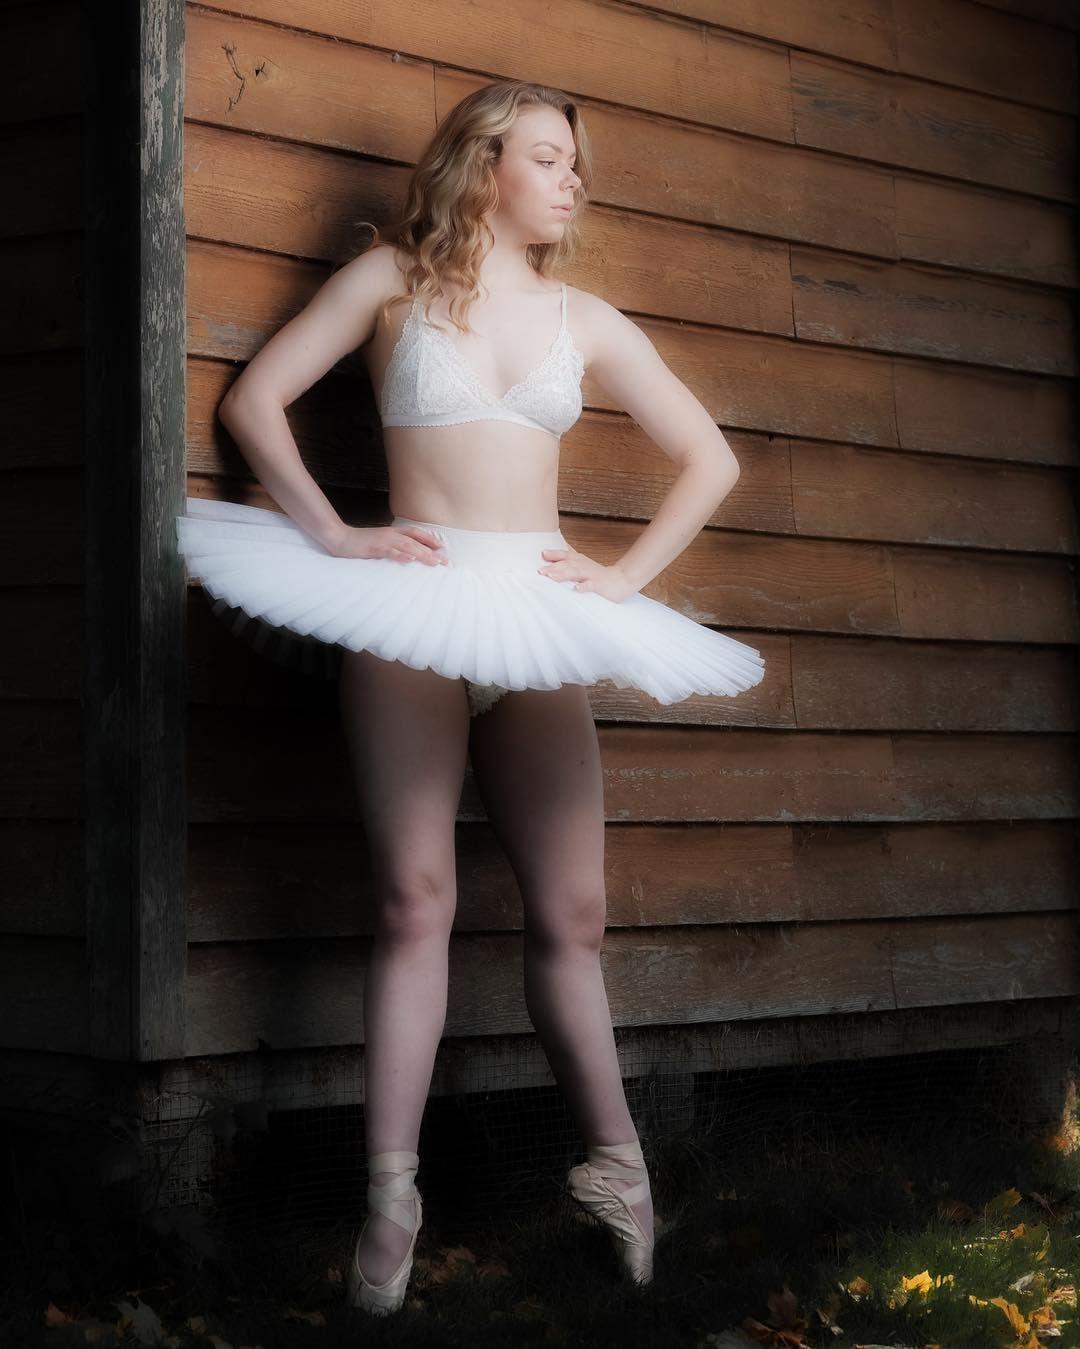 Warm Ballet Autumn Photoshoot Blonde Dance Tutu Pointe